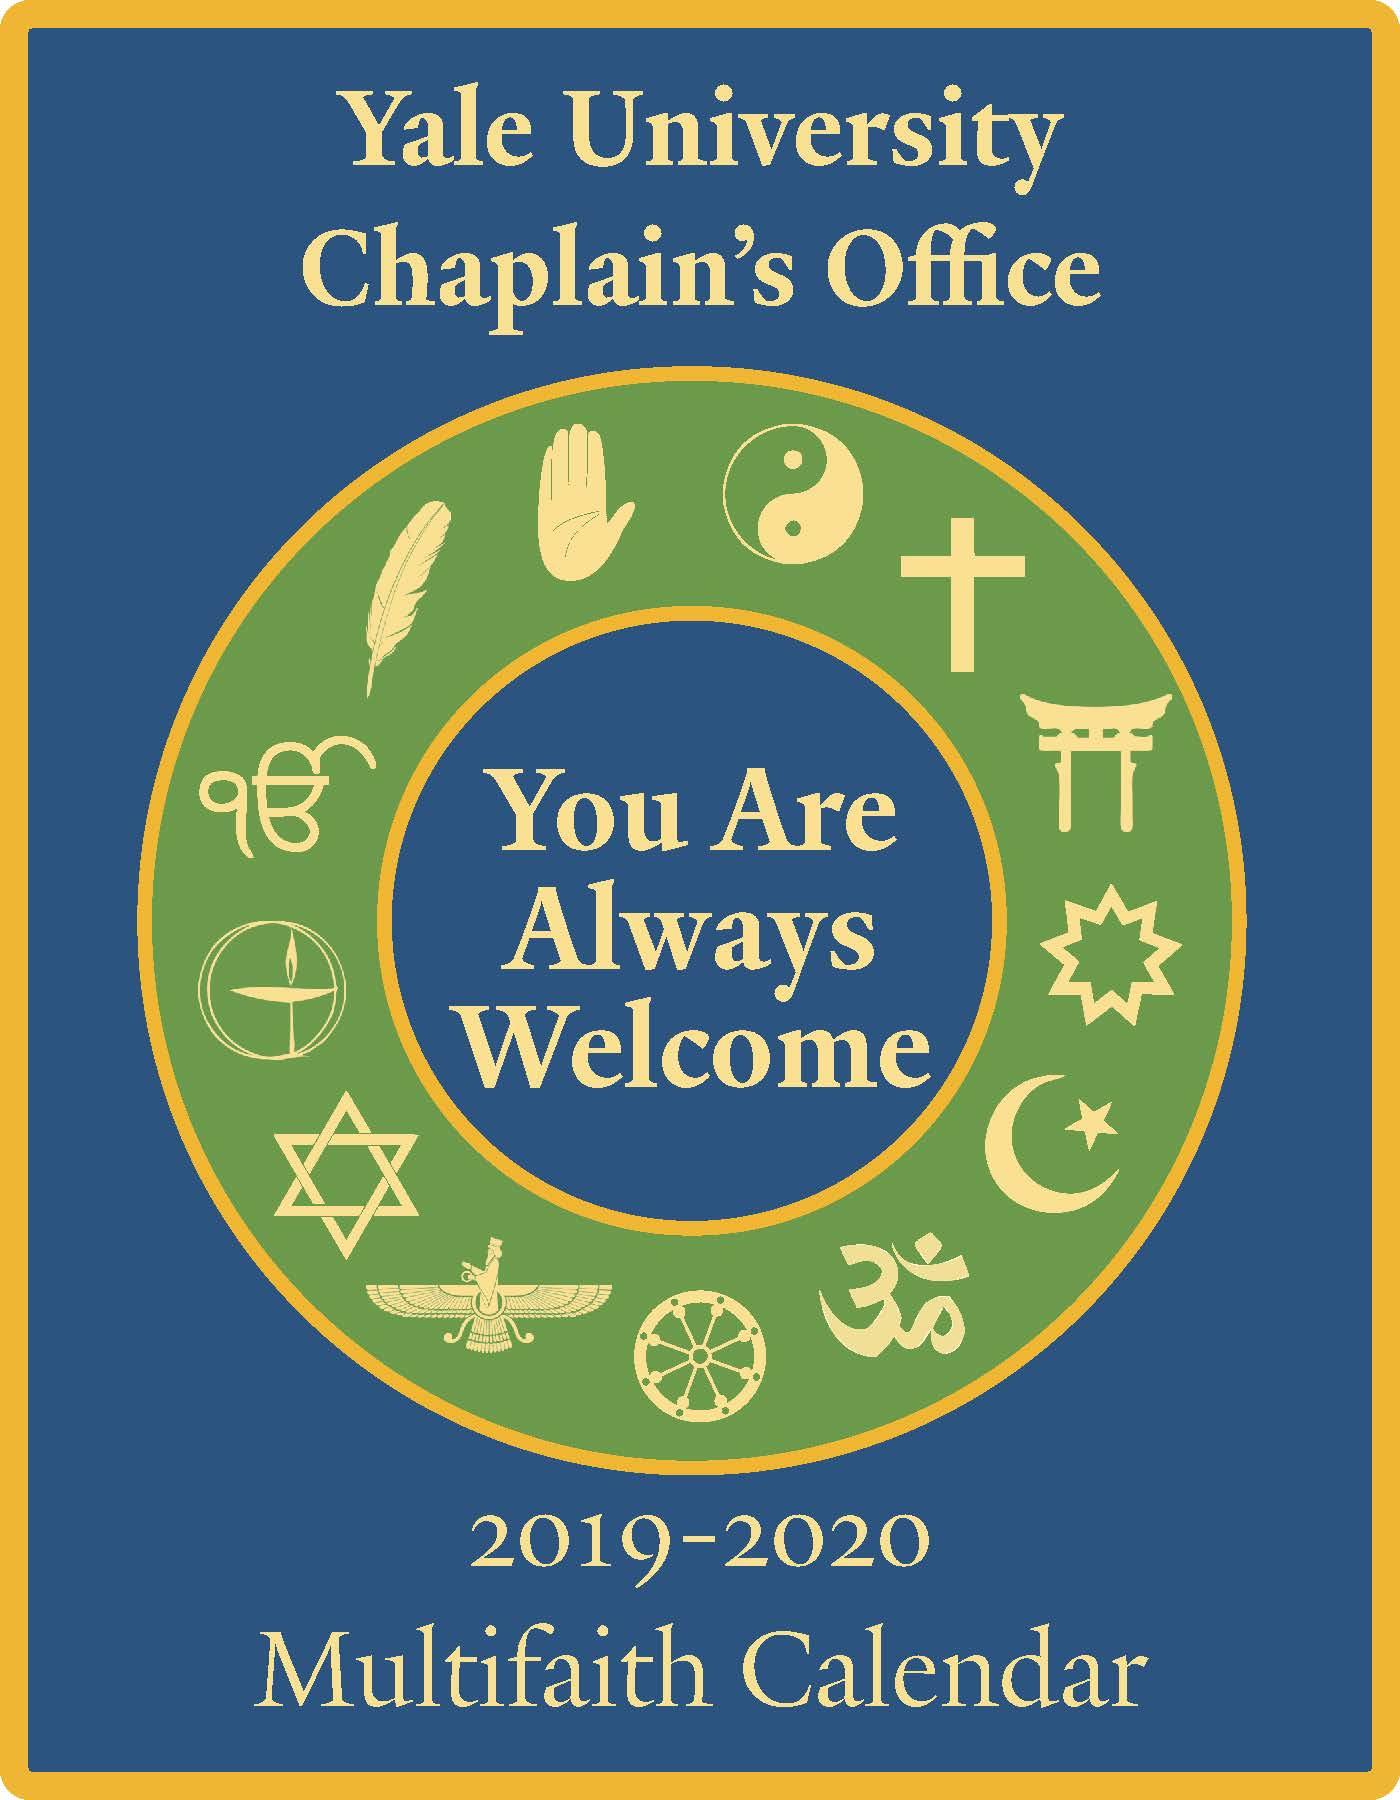 Yale Calendar 2020 Multifaith Calendar 2019 2020 | Chaplain's Office